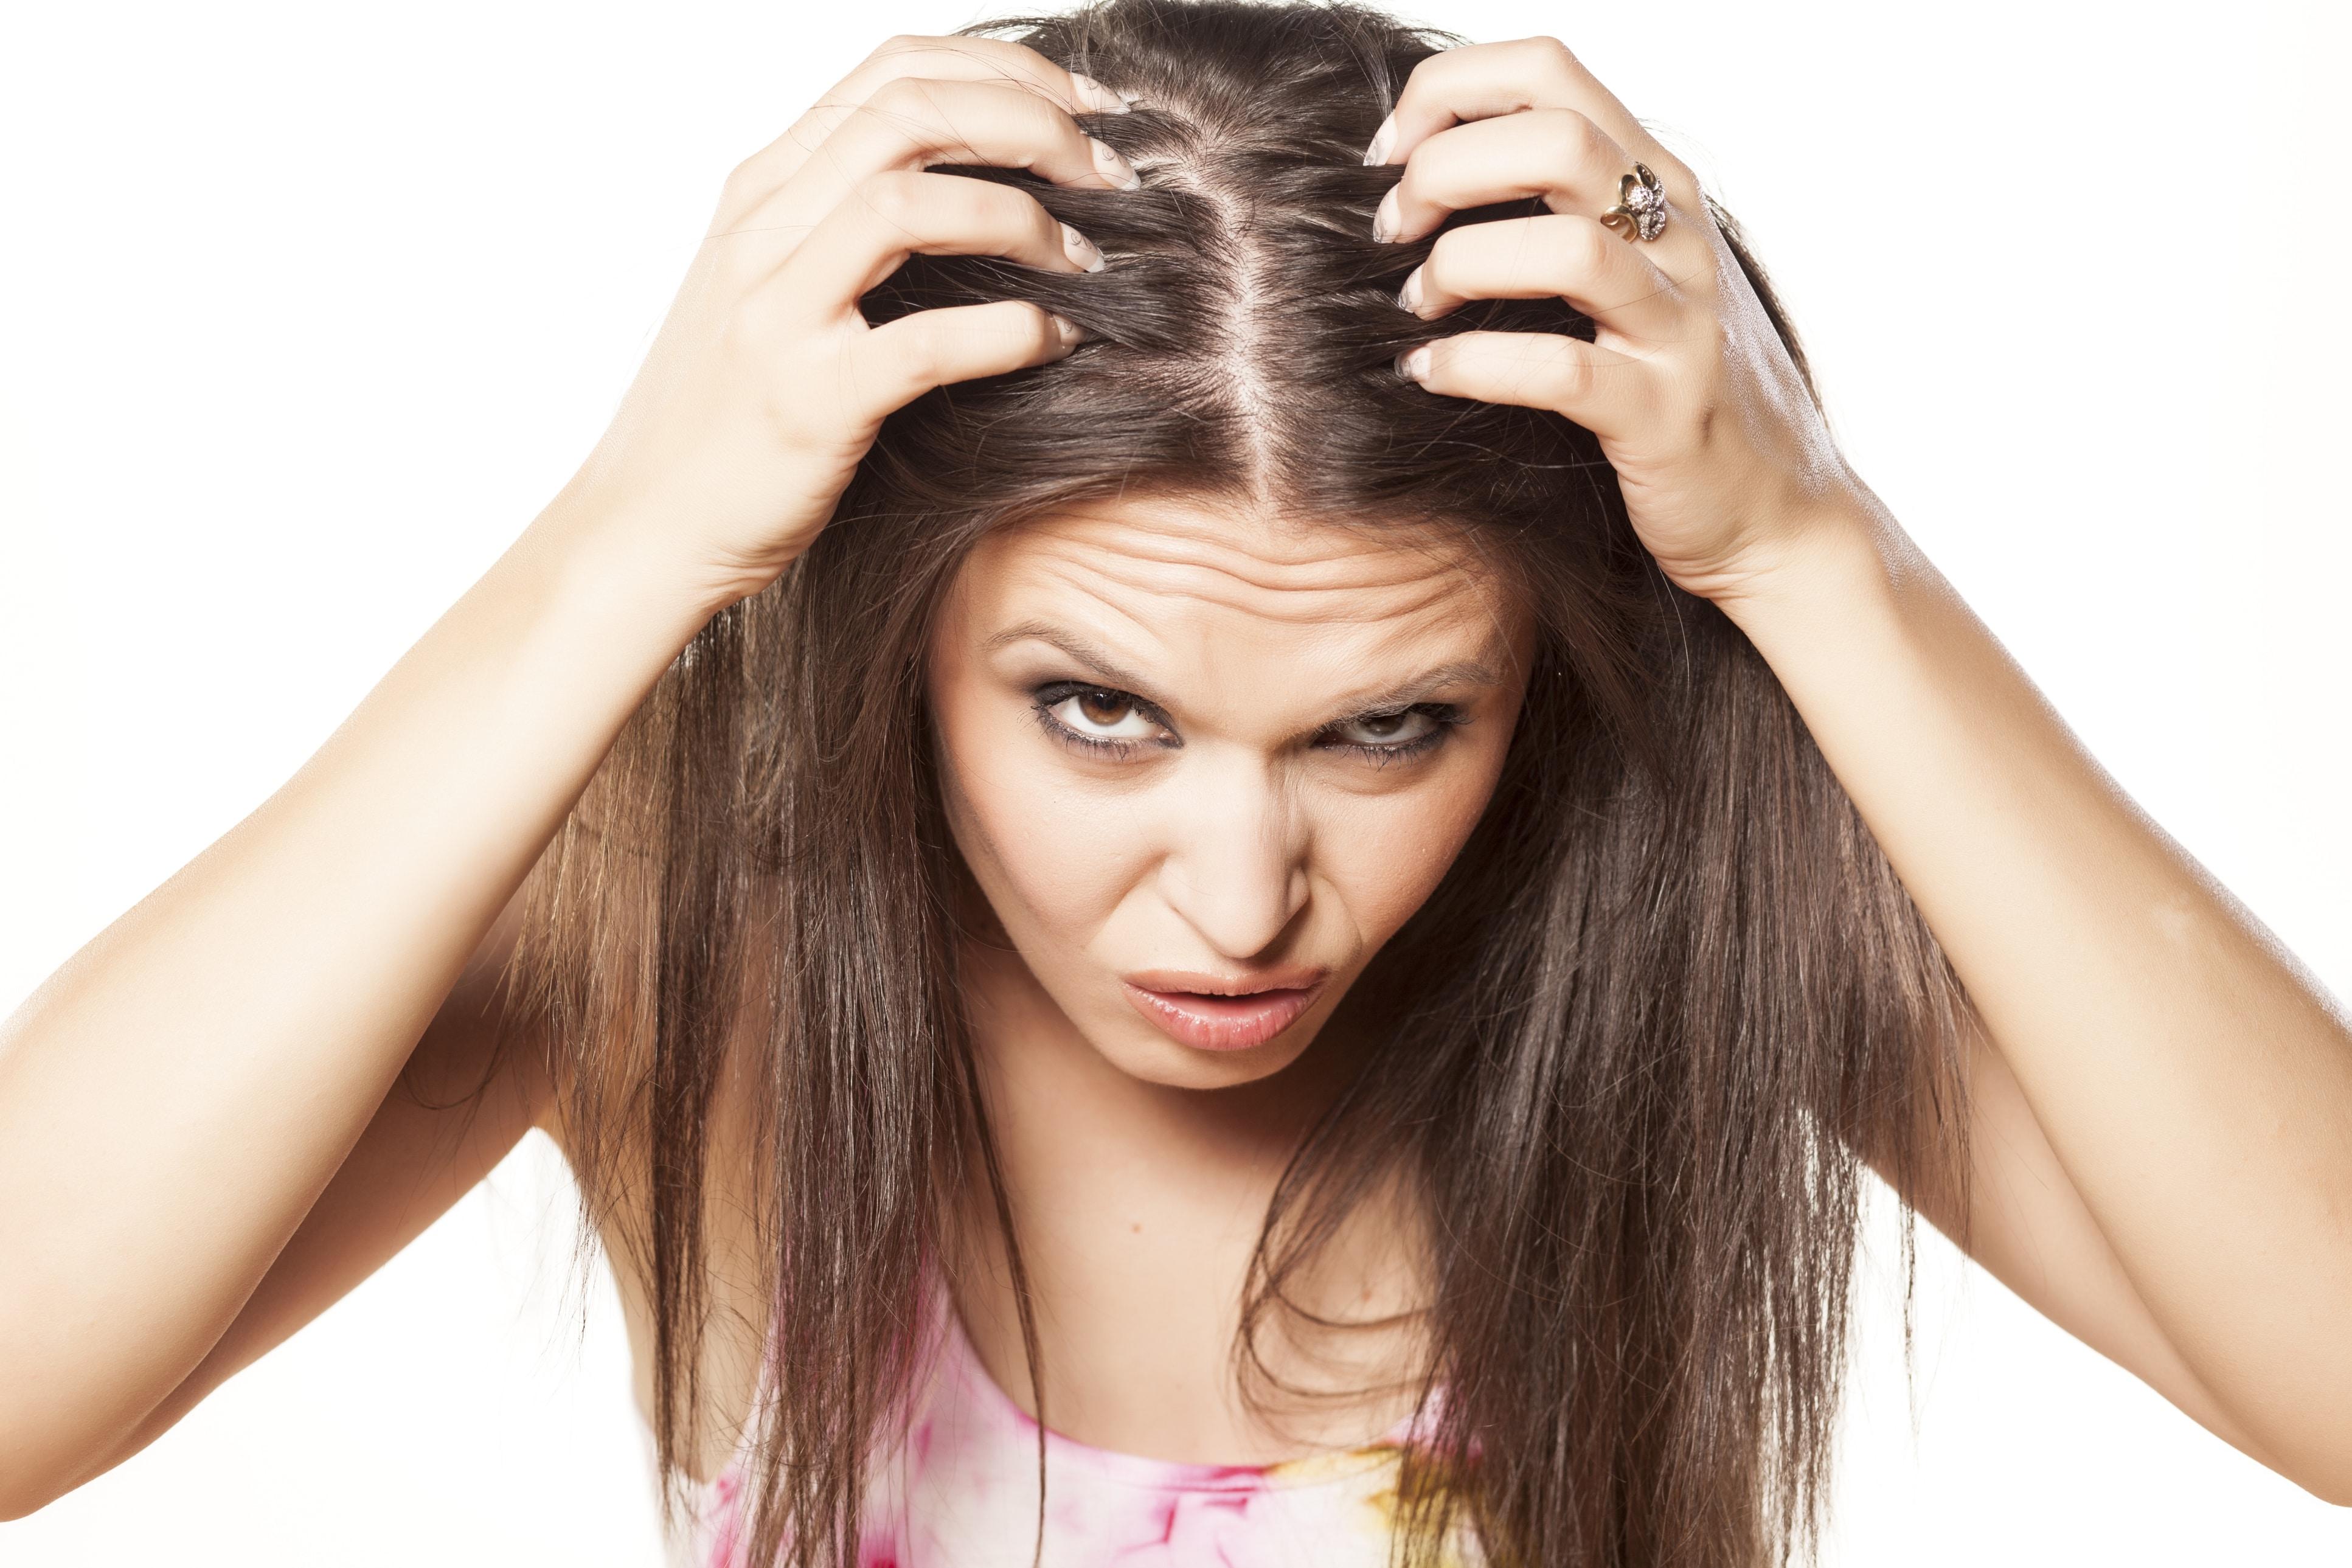 Ricrescita capelli: Classifica dei Migliori prodotti secondo la scienza [2020]